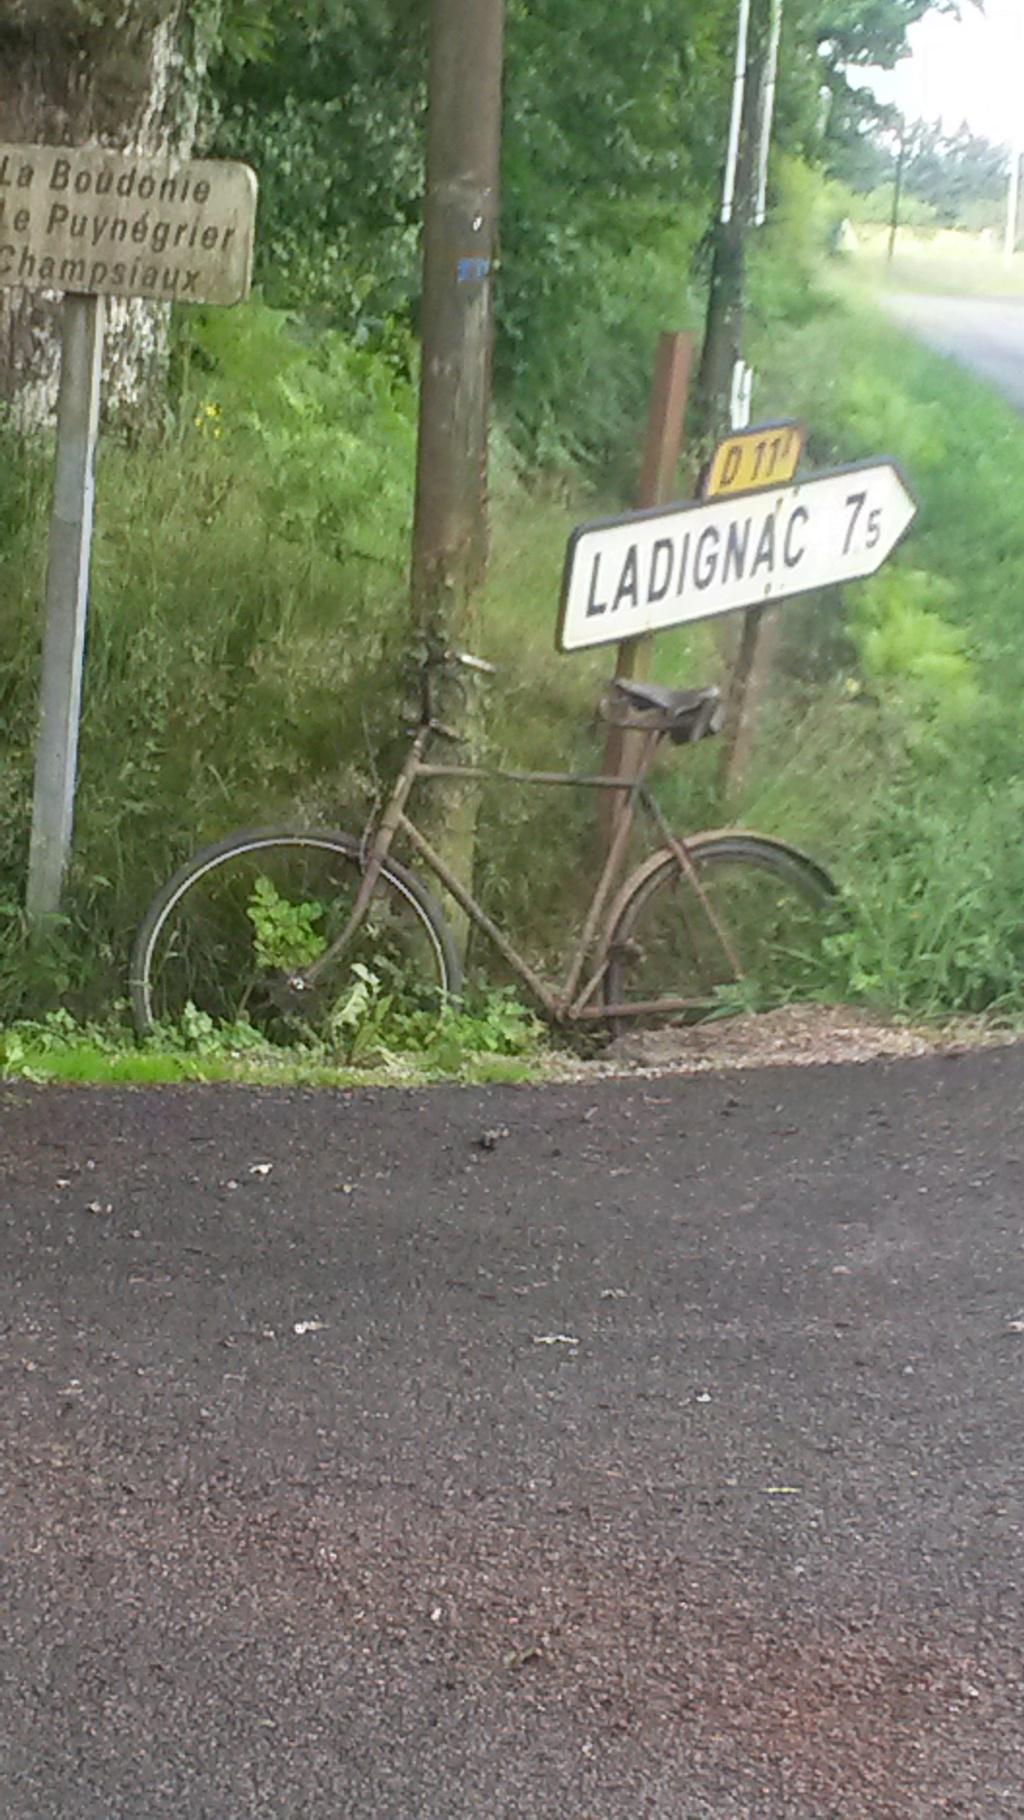 rando vélo vintage 87400 LA MEYZE  ( prés de limoges ) dimanche 10 juin 2018  07710